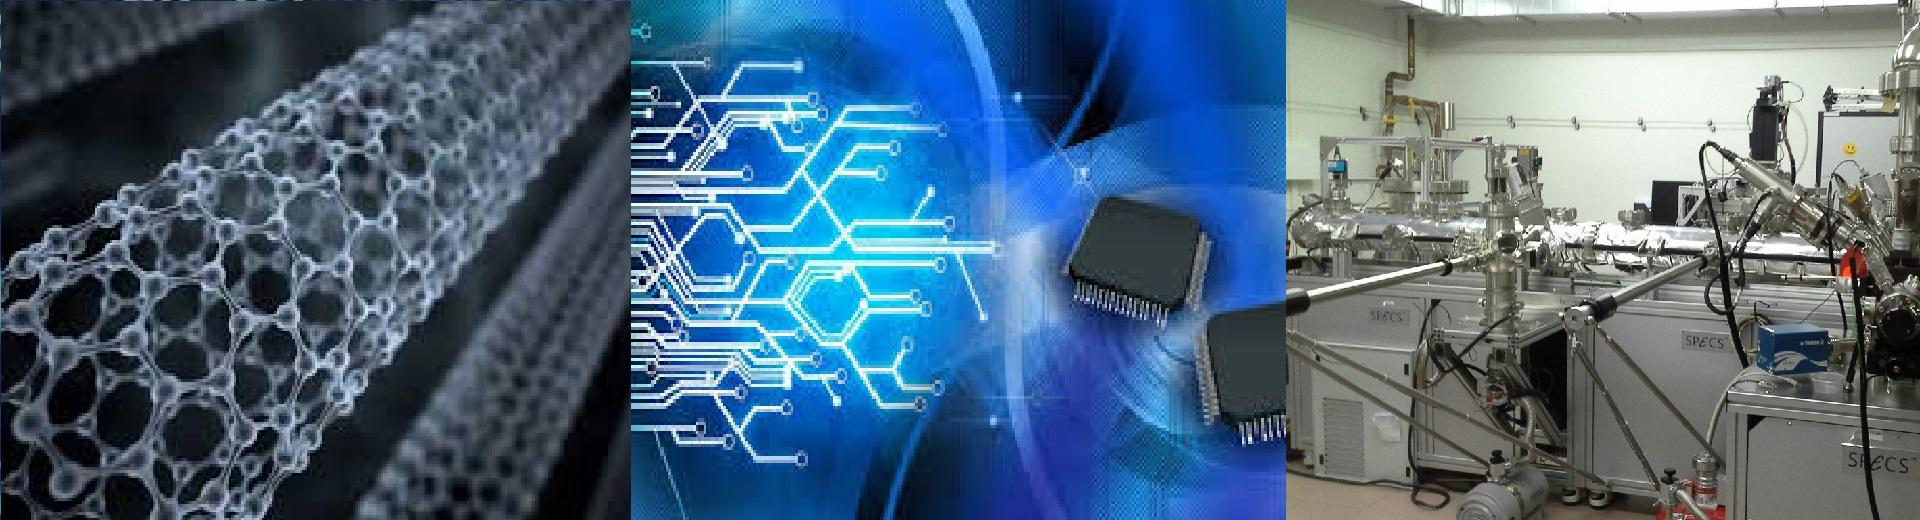 Портал КФУ \ Образование \ Институт физики \ Абитуриенту \ Направления обучения \ Нанотехнологии и микросистемная техника